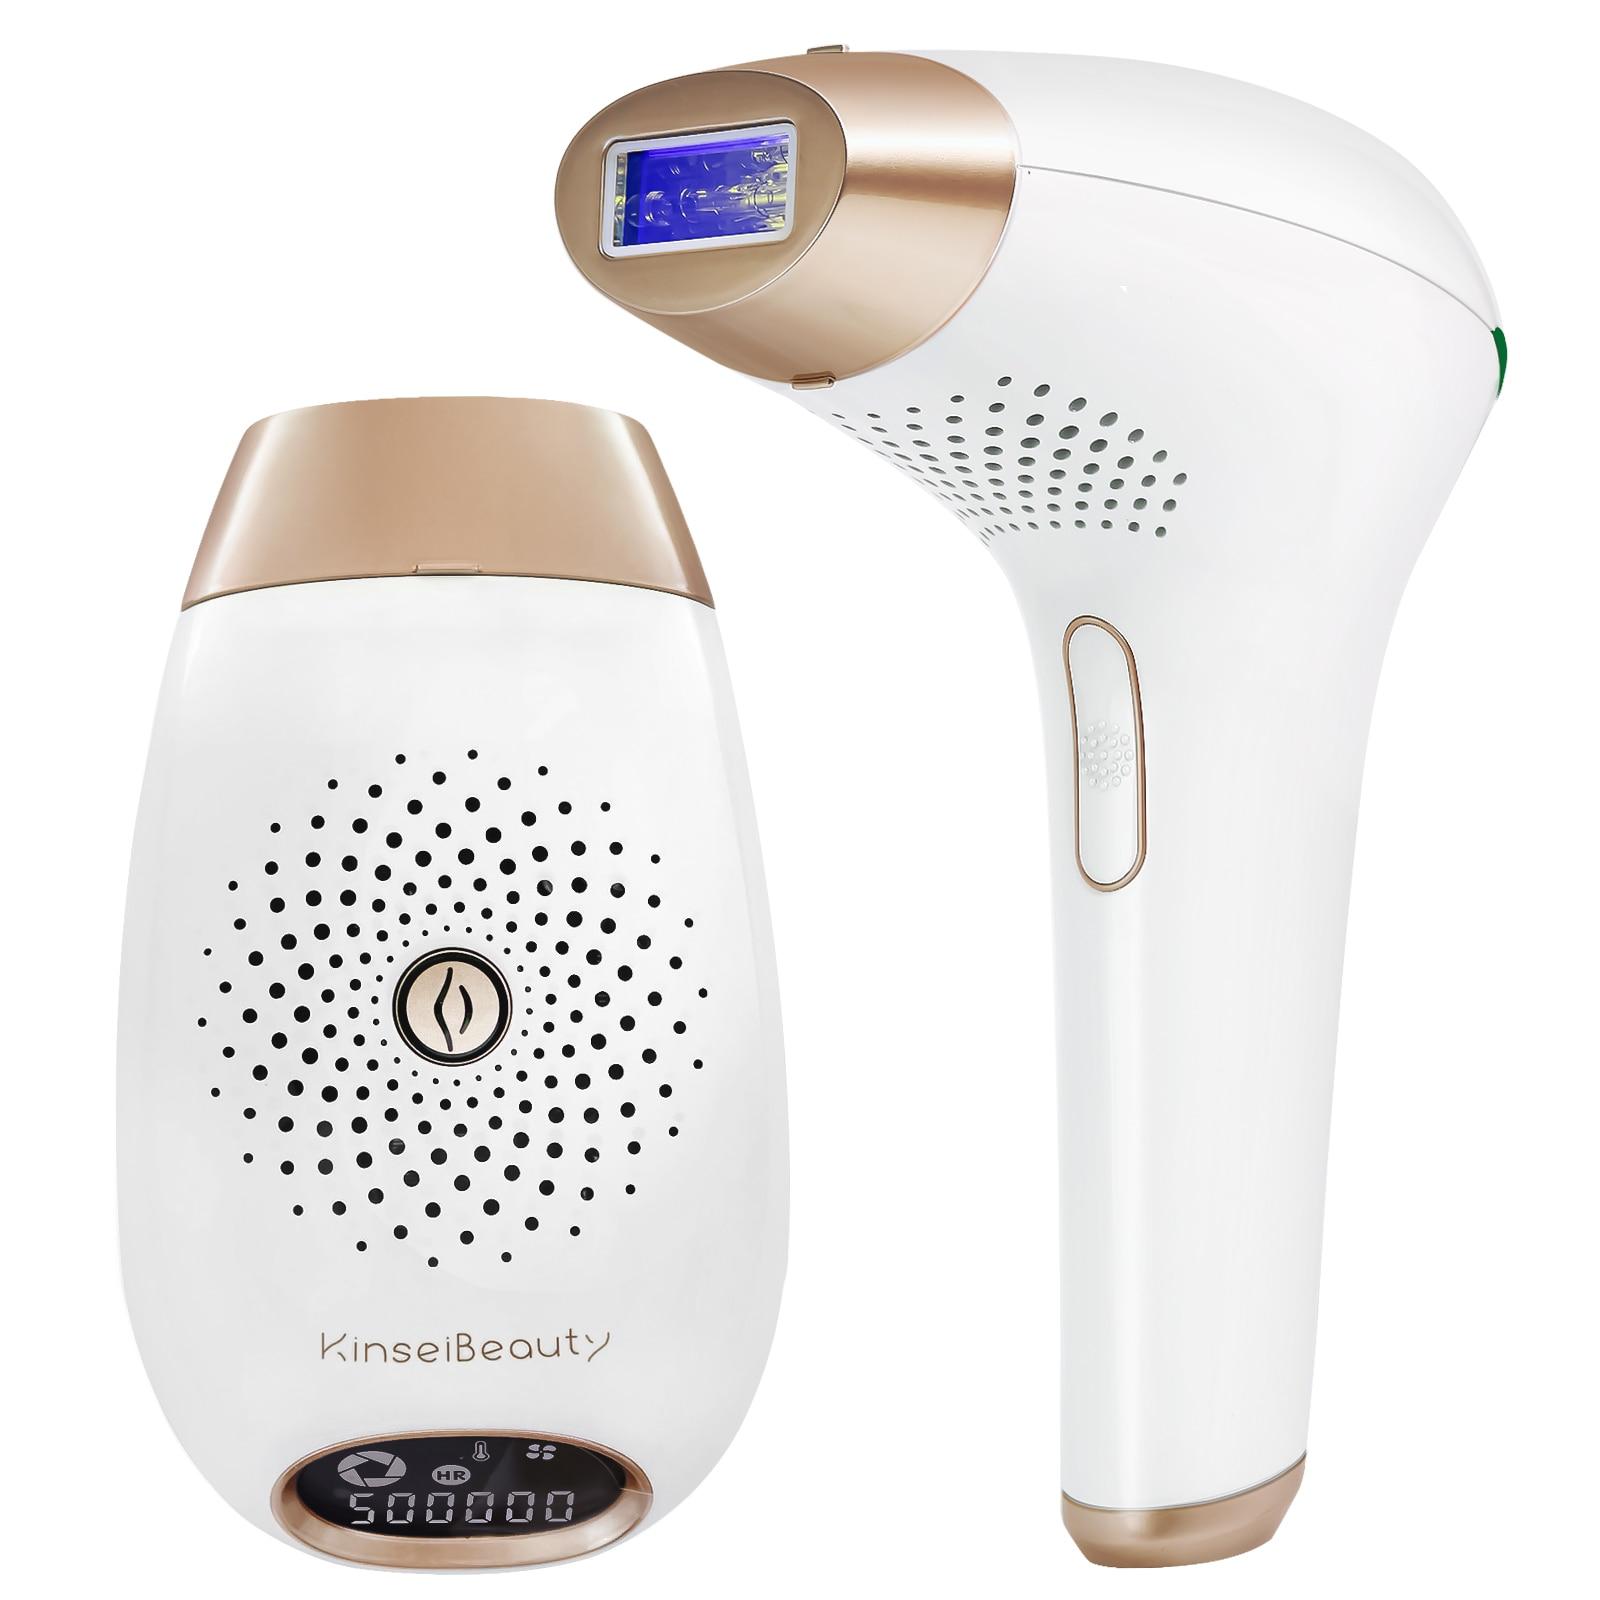 إزالة الشعر بالليزر 500000 ومضات MELSYA IPL إزالة الشعر لنزع الشعر شاشة الكريستال السائل الليزر الدائم بيكيني المتقلب الكهربائية Depilador